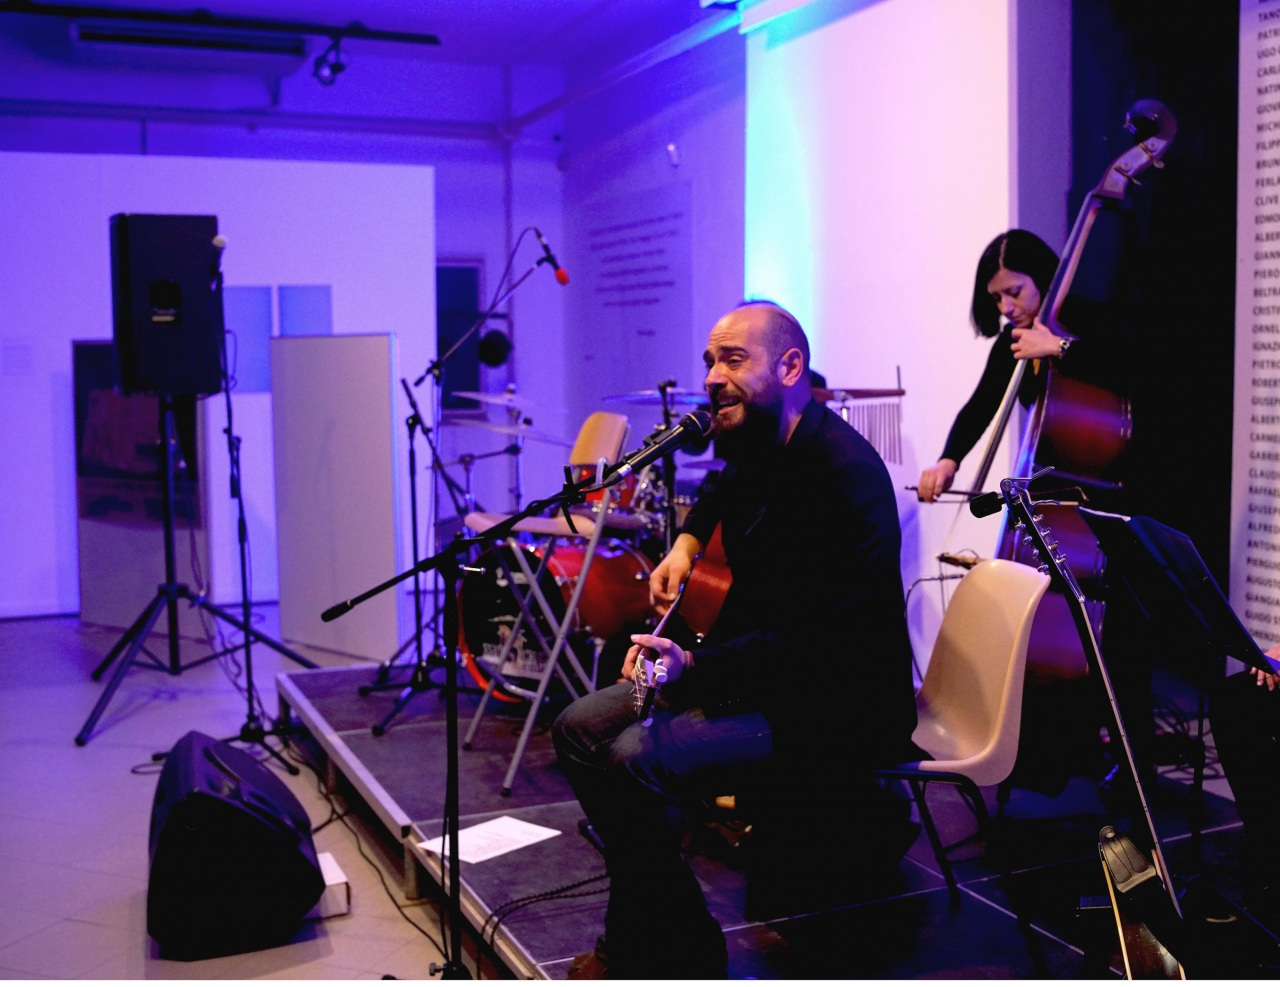 Canzoni alla fonda: appuntamento con Marco Corrao e Alba Sofia al Salina Festival 2017